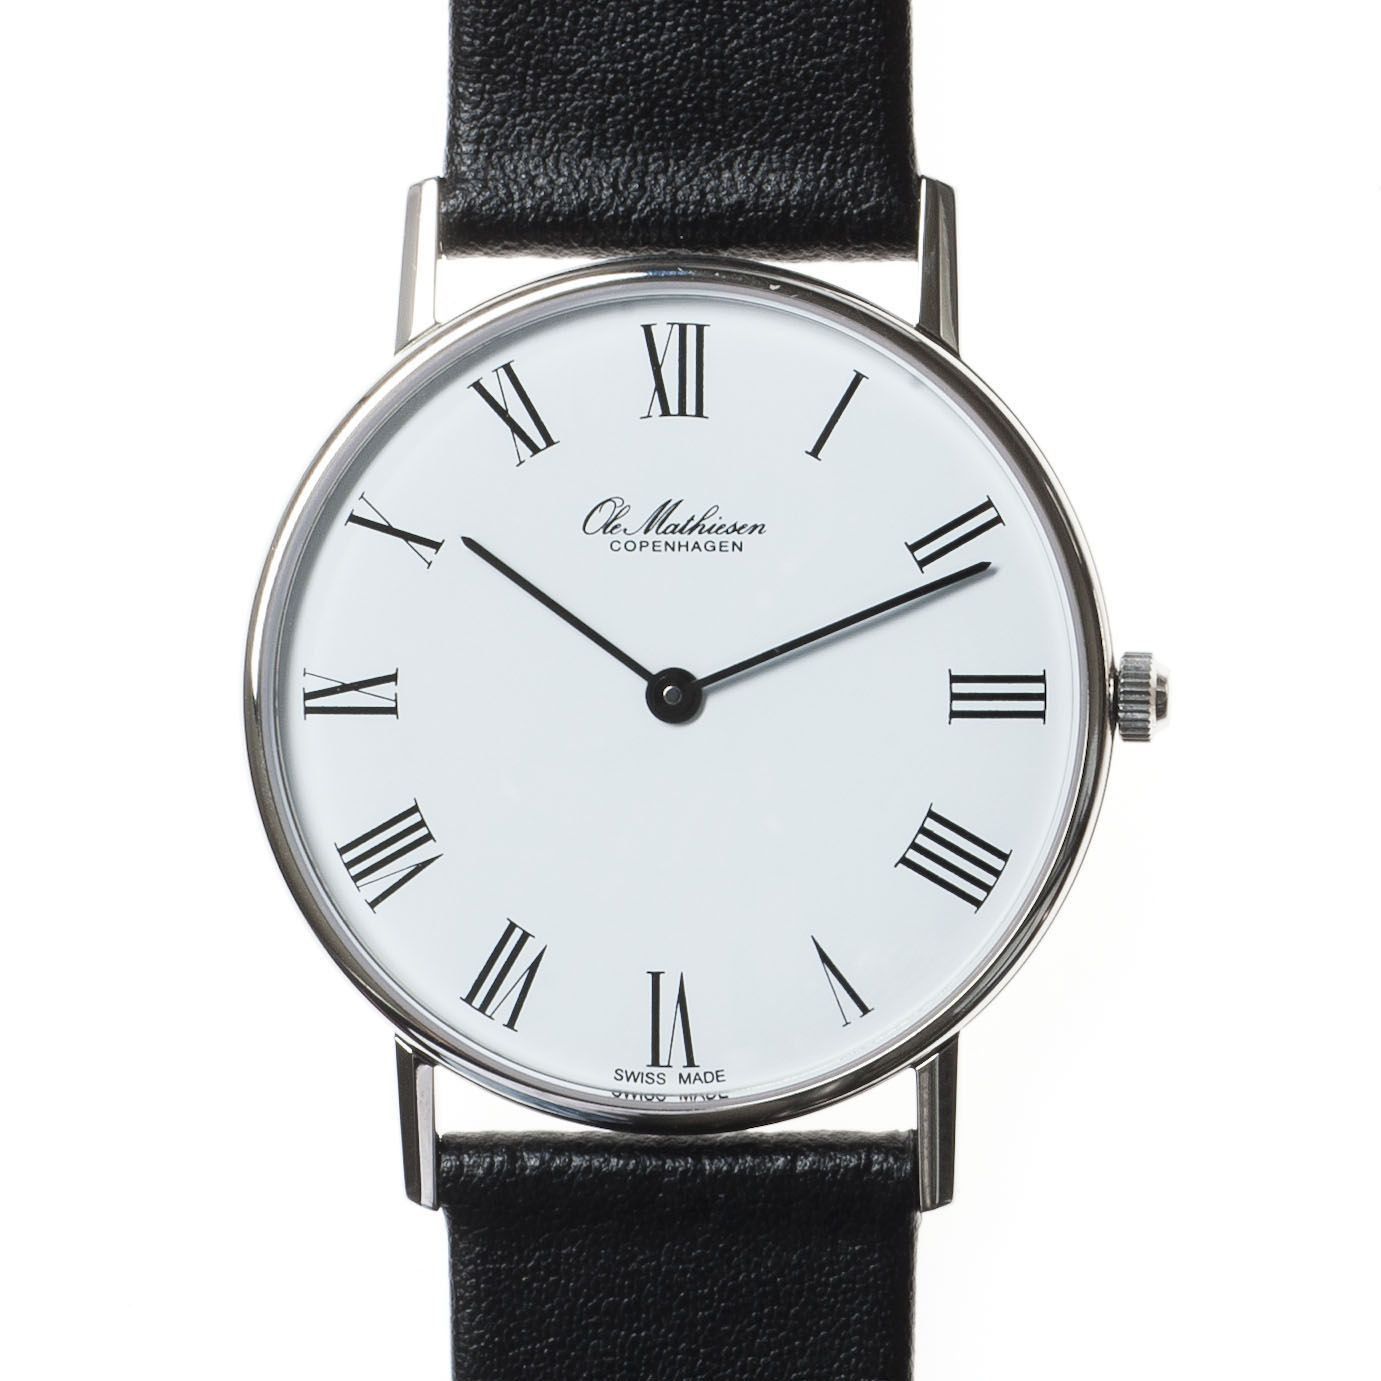 Armbanduhr römische zahlen  Ole Mathiesen Armbanduhr OM1 römisch bei Torquato.de